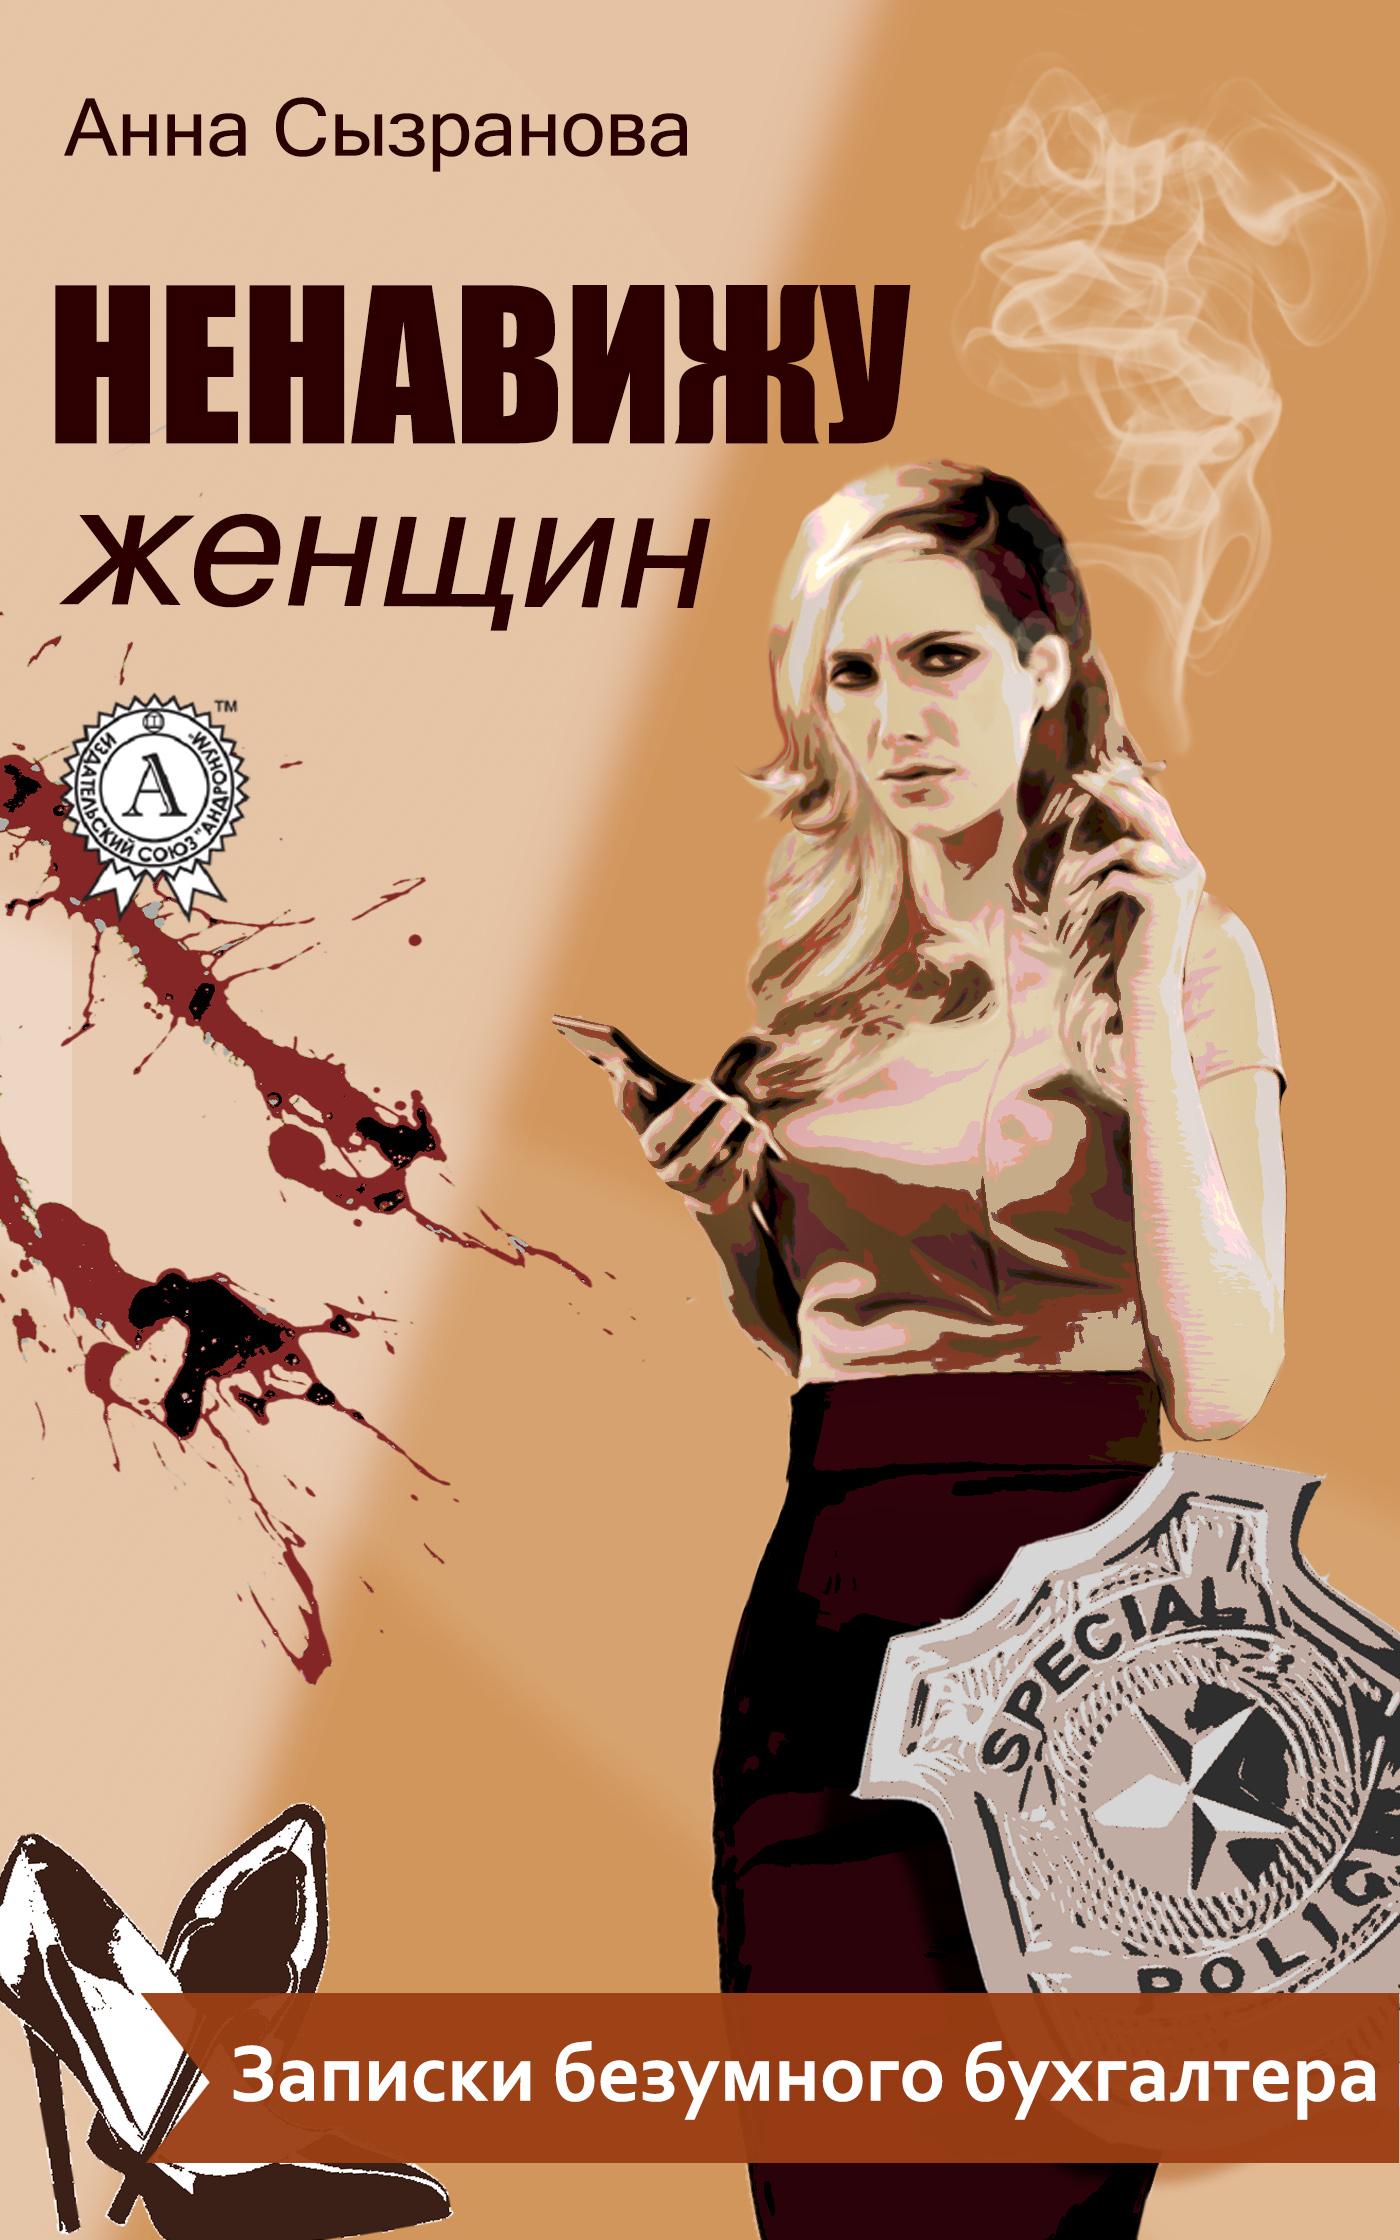 Русская жена оскорбляет мужа при любовнике 29 фотография